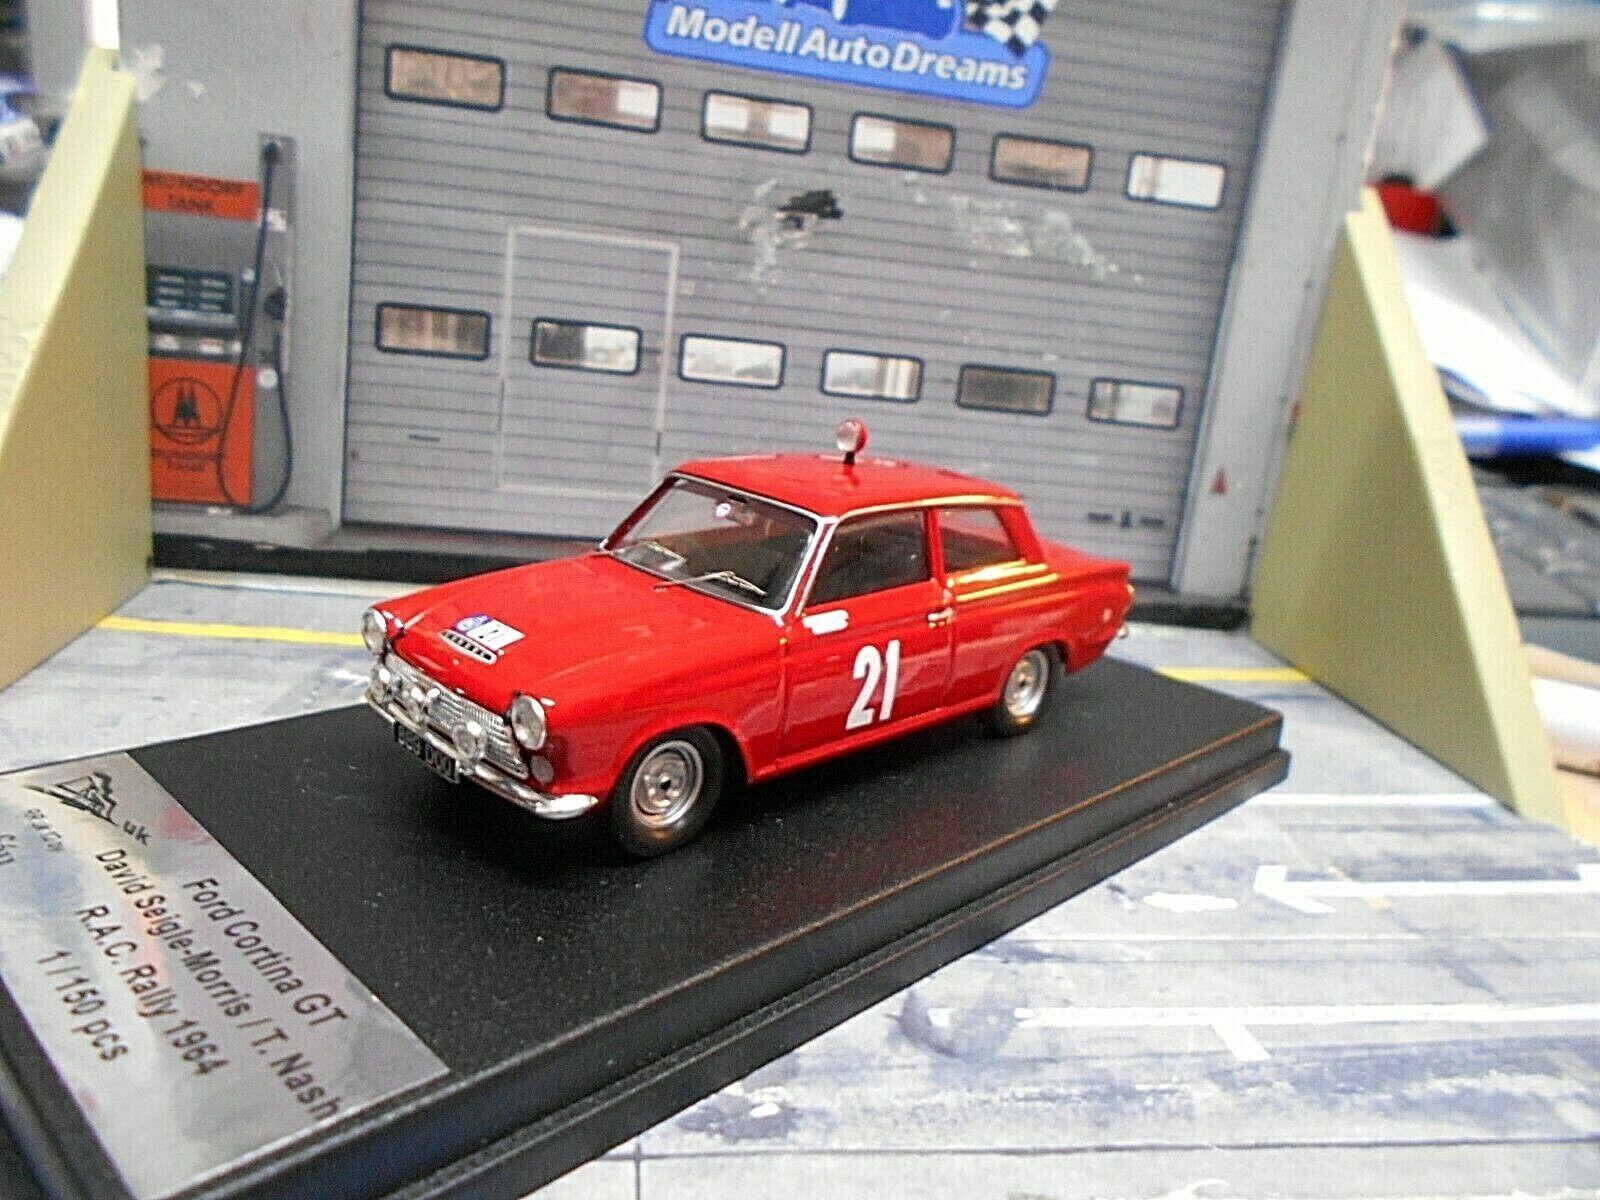 Ford Cortina GT Rally RAC 1964  21  Morris nnash Scala 43 1 150 Trofeu 1 43  choix à bas prix